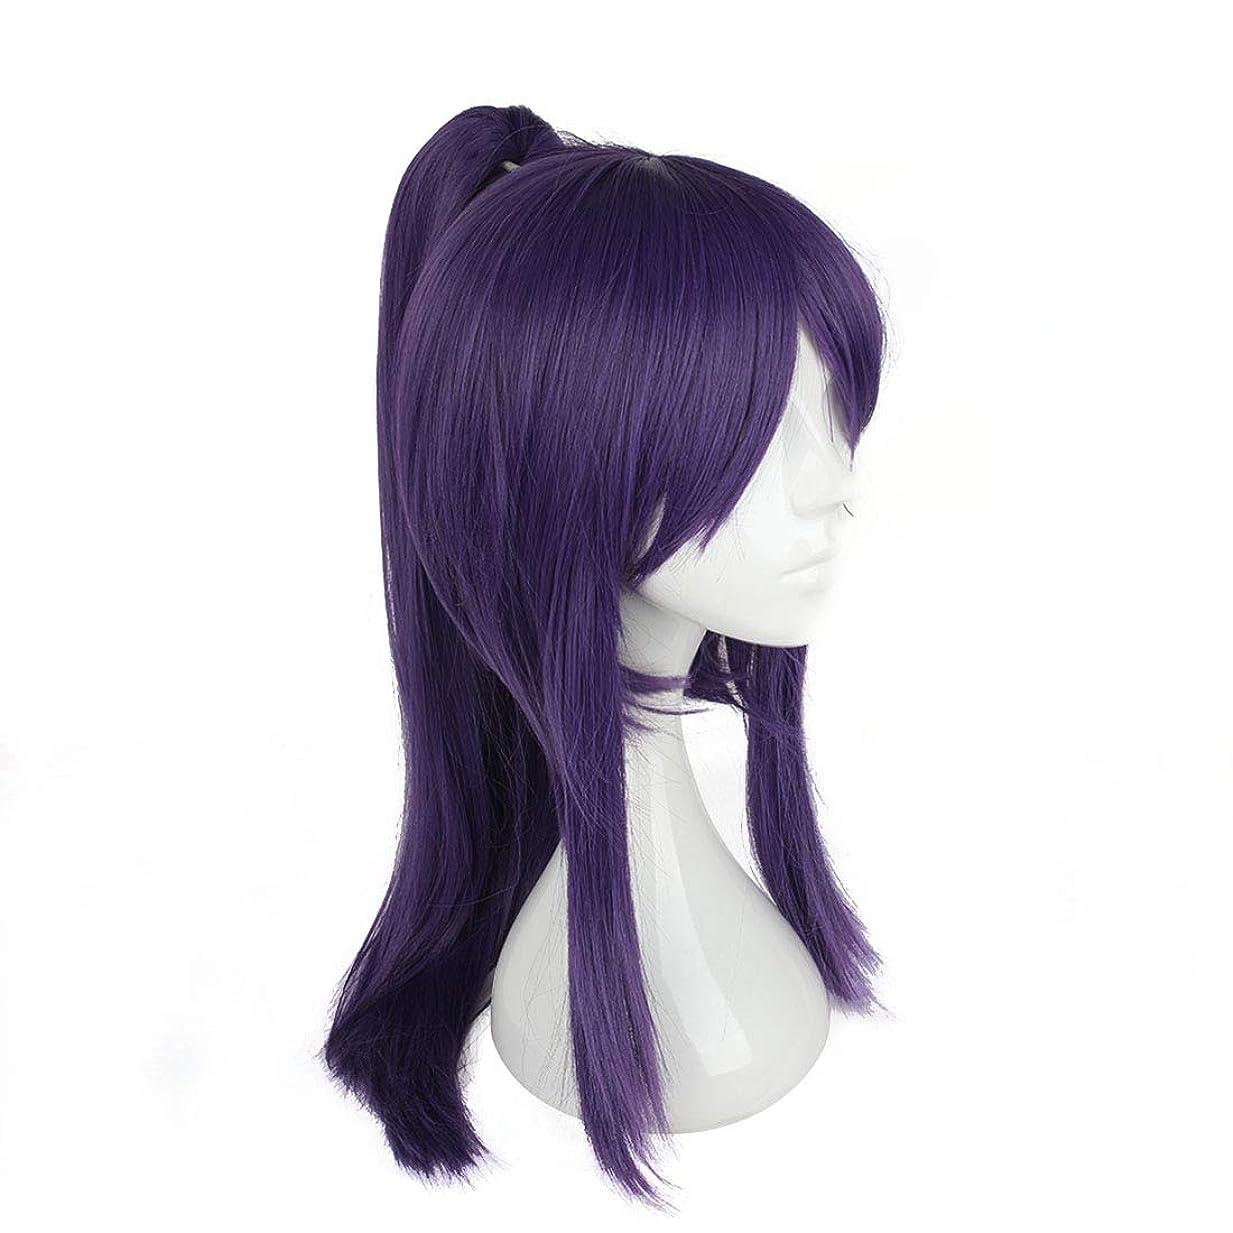 うんざりサンダル舌Koloeplf コスプレウィッグ日本サムライ服ウィッグコスプレウィッグパープルバンズロングヘア (Color : Purple)